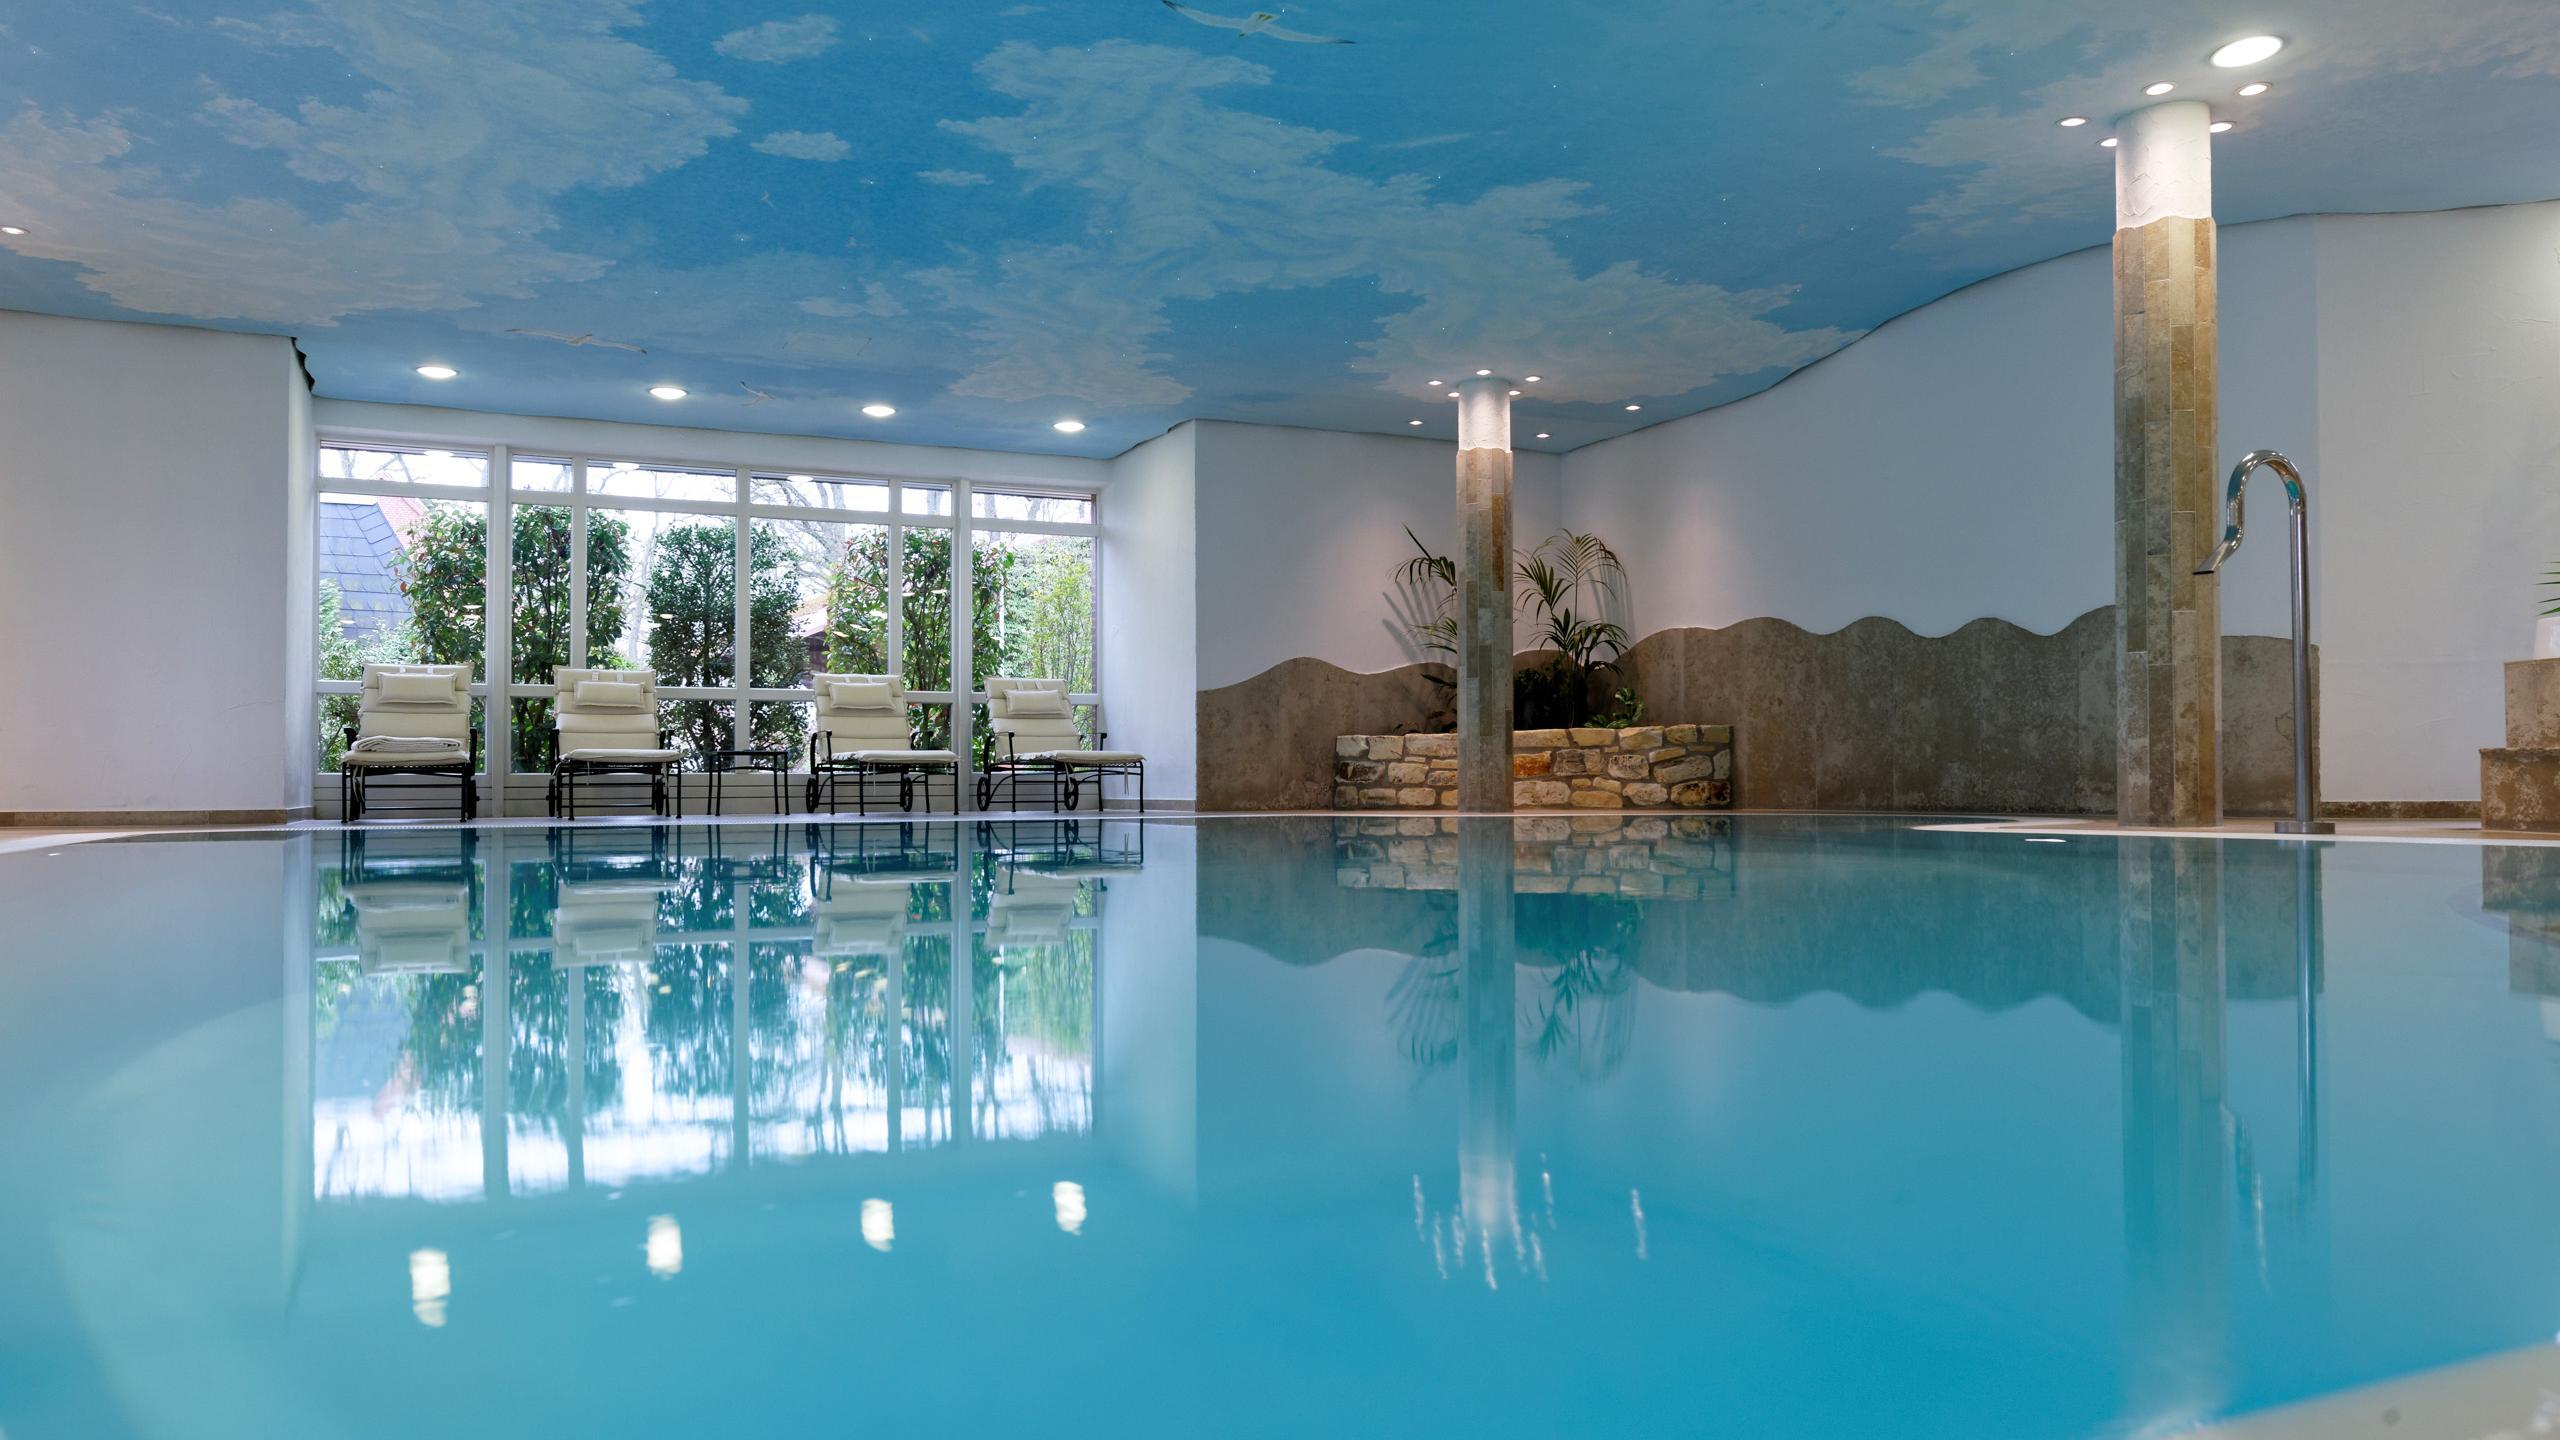 Sauna und schwimmbad l neburger heide wellnesshotel for Hotel munster mit schwimmbad